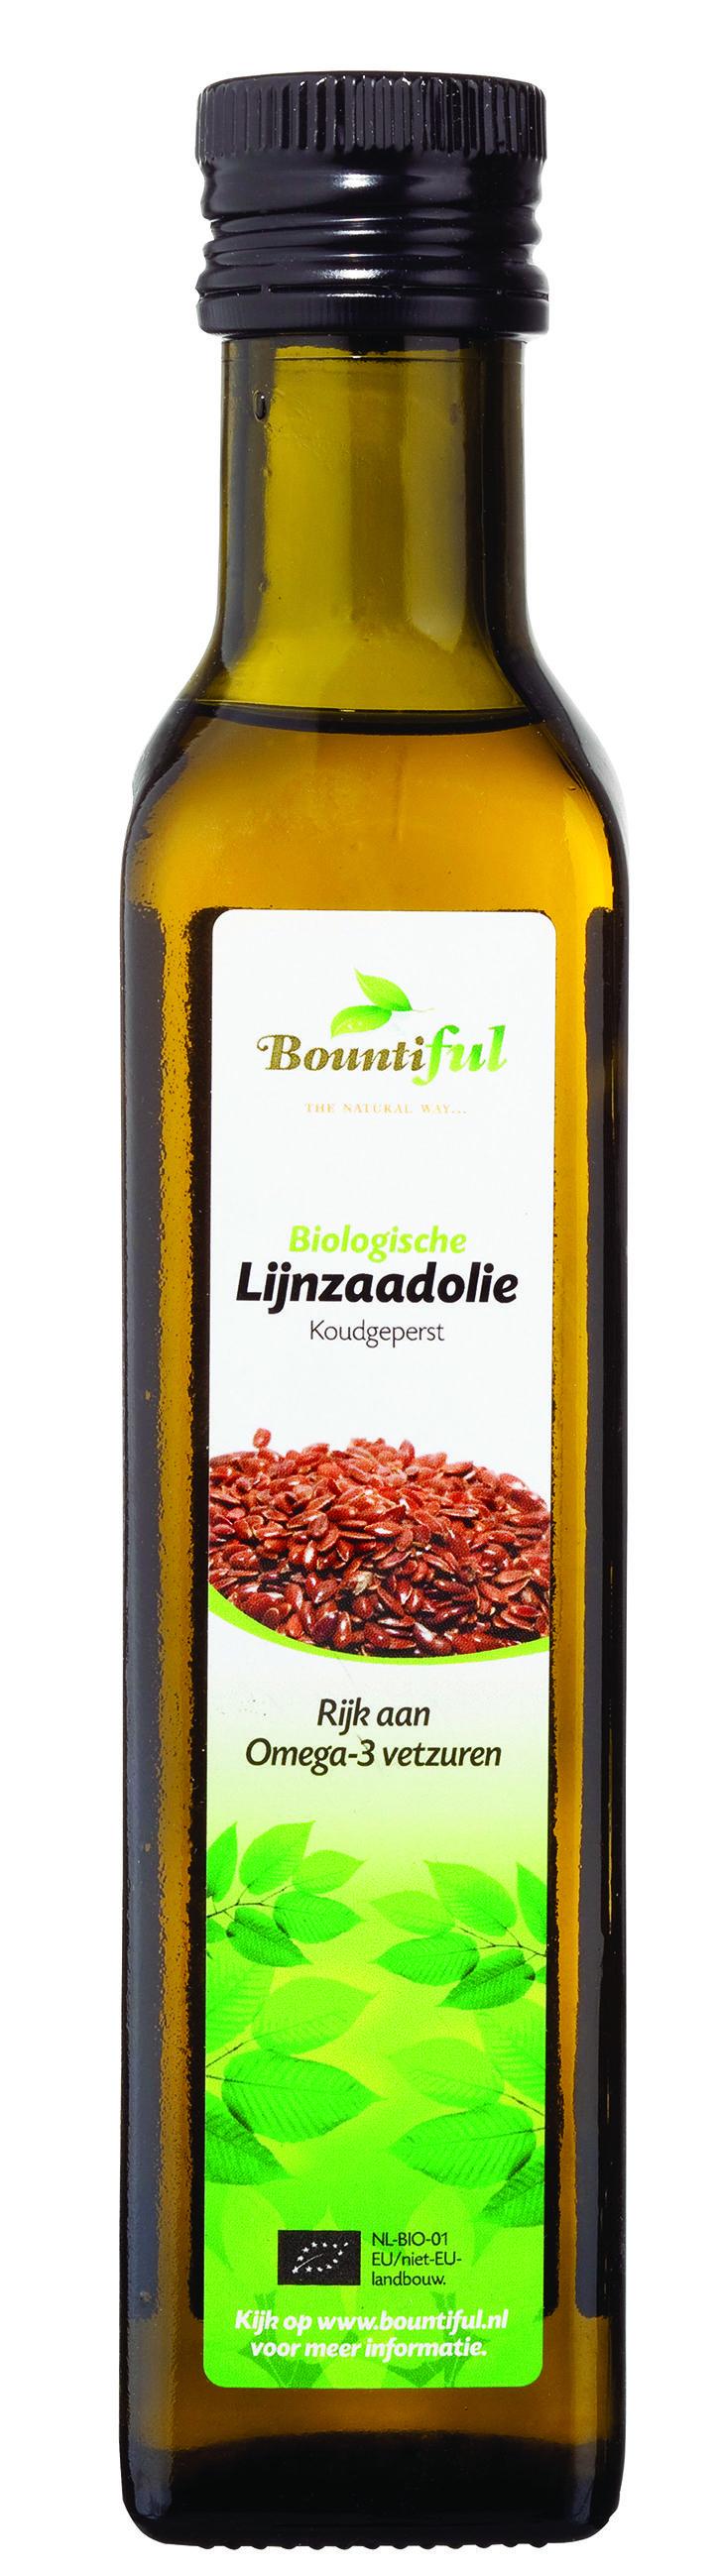 Lijnzaadolie Bio. Gebruik van Bountiful LIJNZAADOLIE kan op verschillende manieren. Bijvoorbeeld om mee te koken. Het is echter niet verstandig om in de olie te bakken of braden. Het is daar niet geschikt voor. Dit komt omdat er schadelijke stoffen vrijkomen als lijnzaadolie op hoge temperatuur verhit wordt. Andere oliën zijn dan geschikter. Wel kan lijnzaadolie heel goed gebruikt worden door bijvoorbeeld een saladedressing, saus, soep of yoghurt.